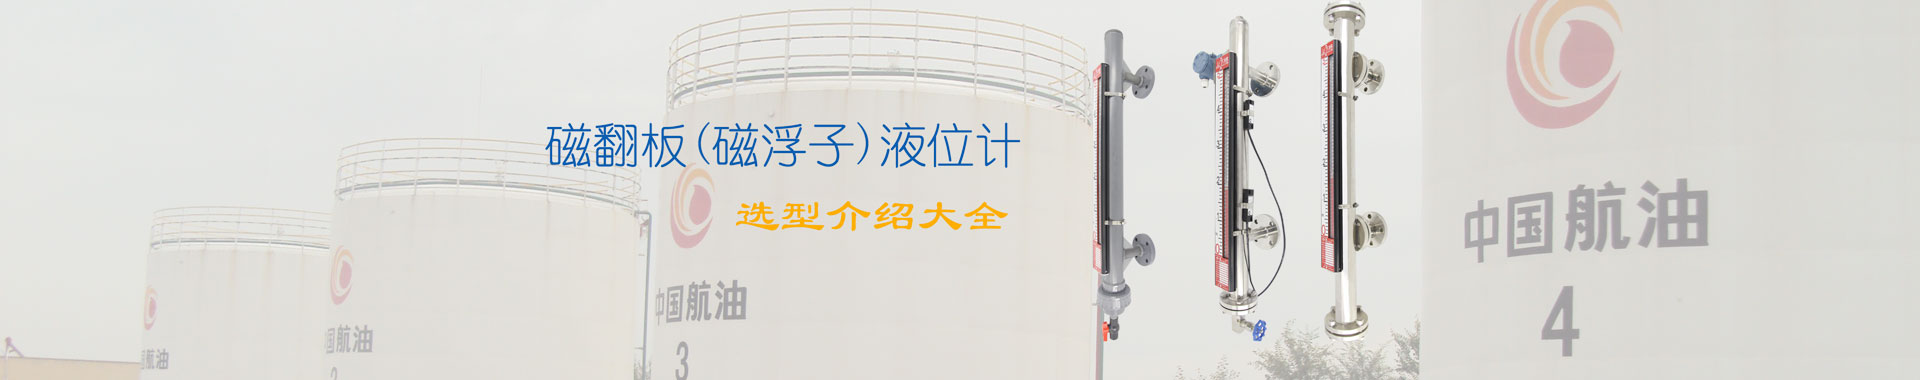 磁翻板新宝5注册流程选型